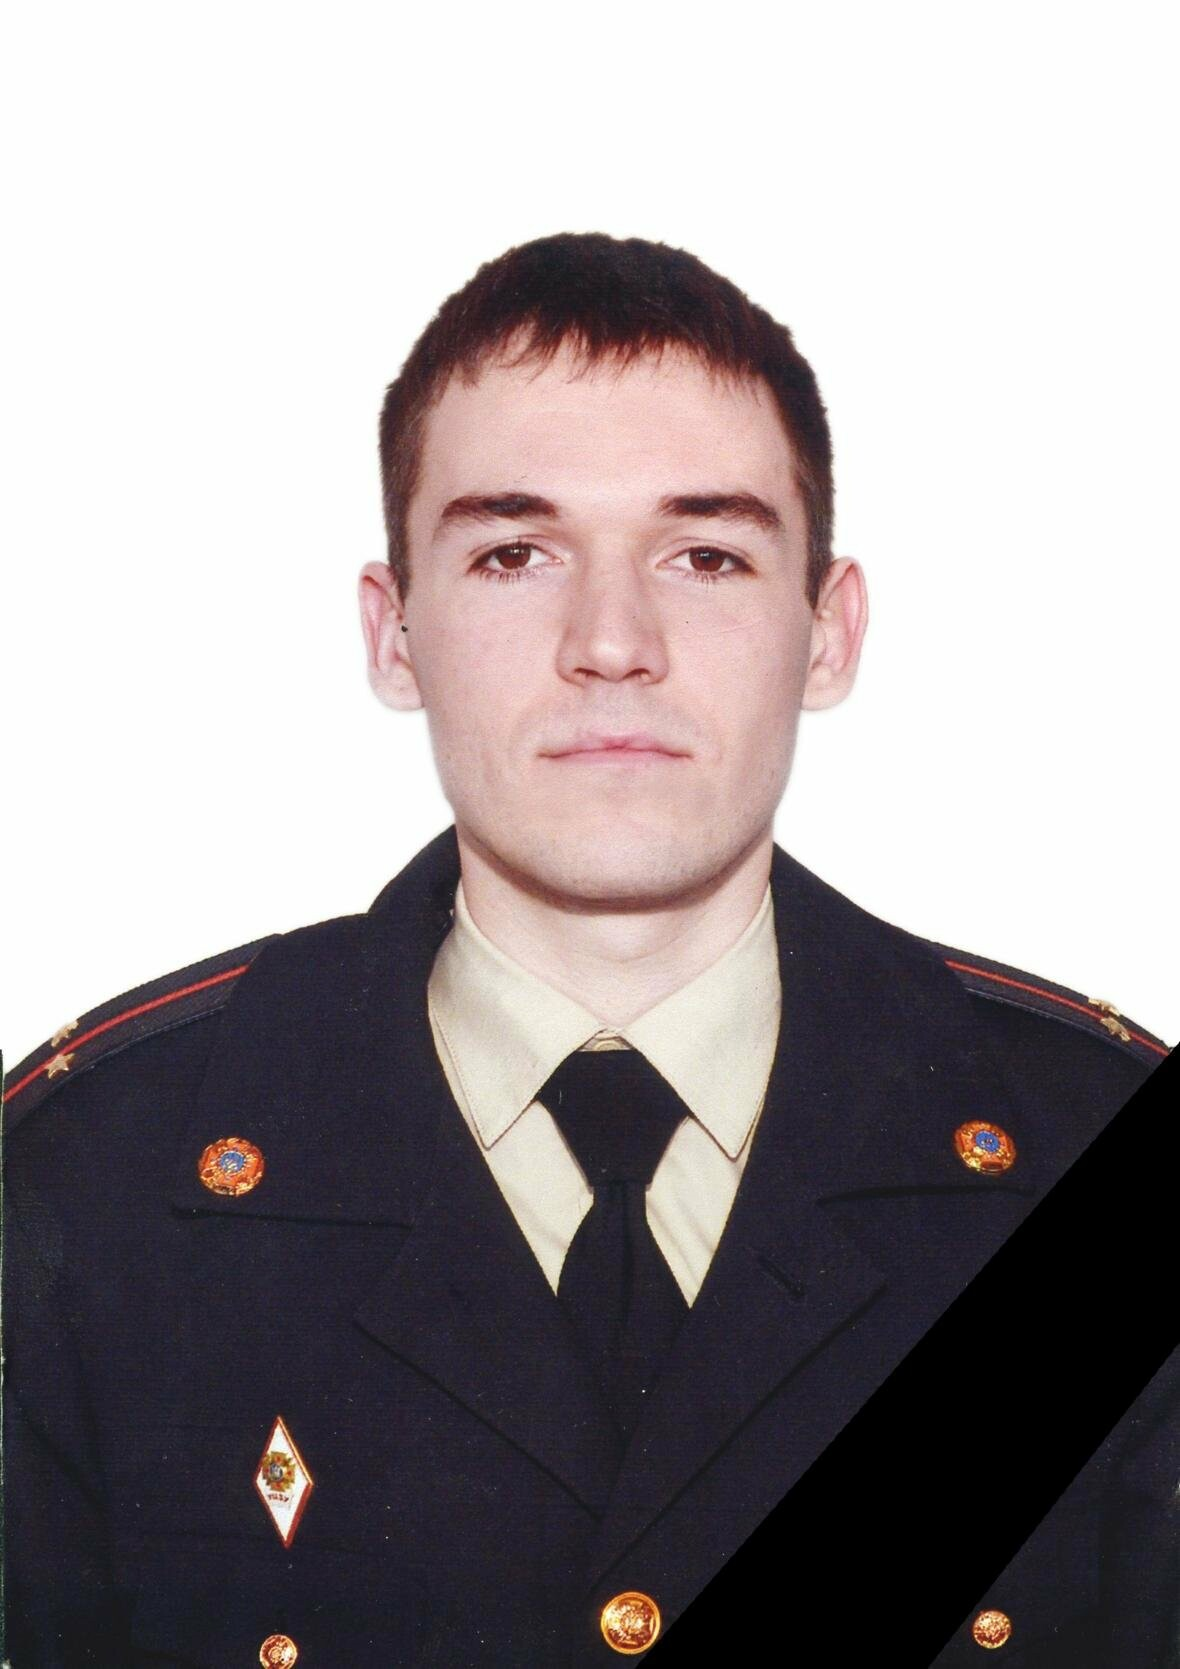 В Мариуполе на пожаре погиб 24-летний спасатель, фото-1